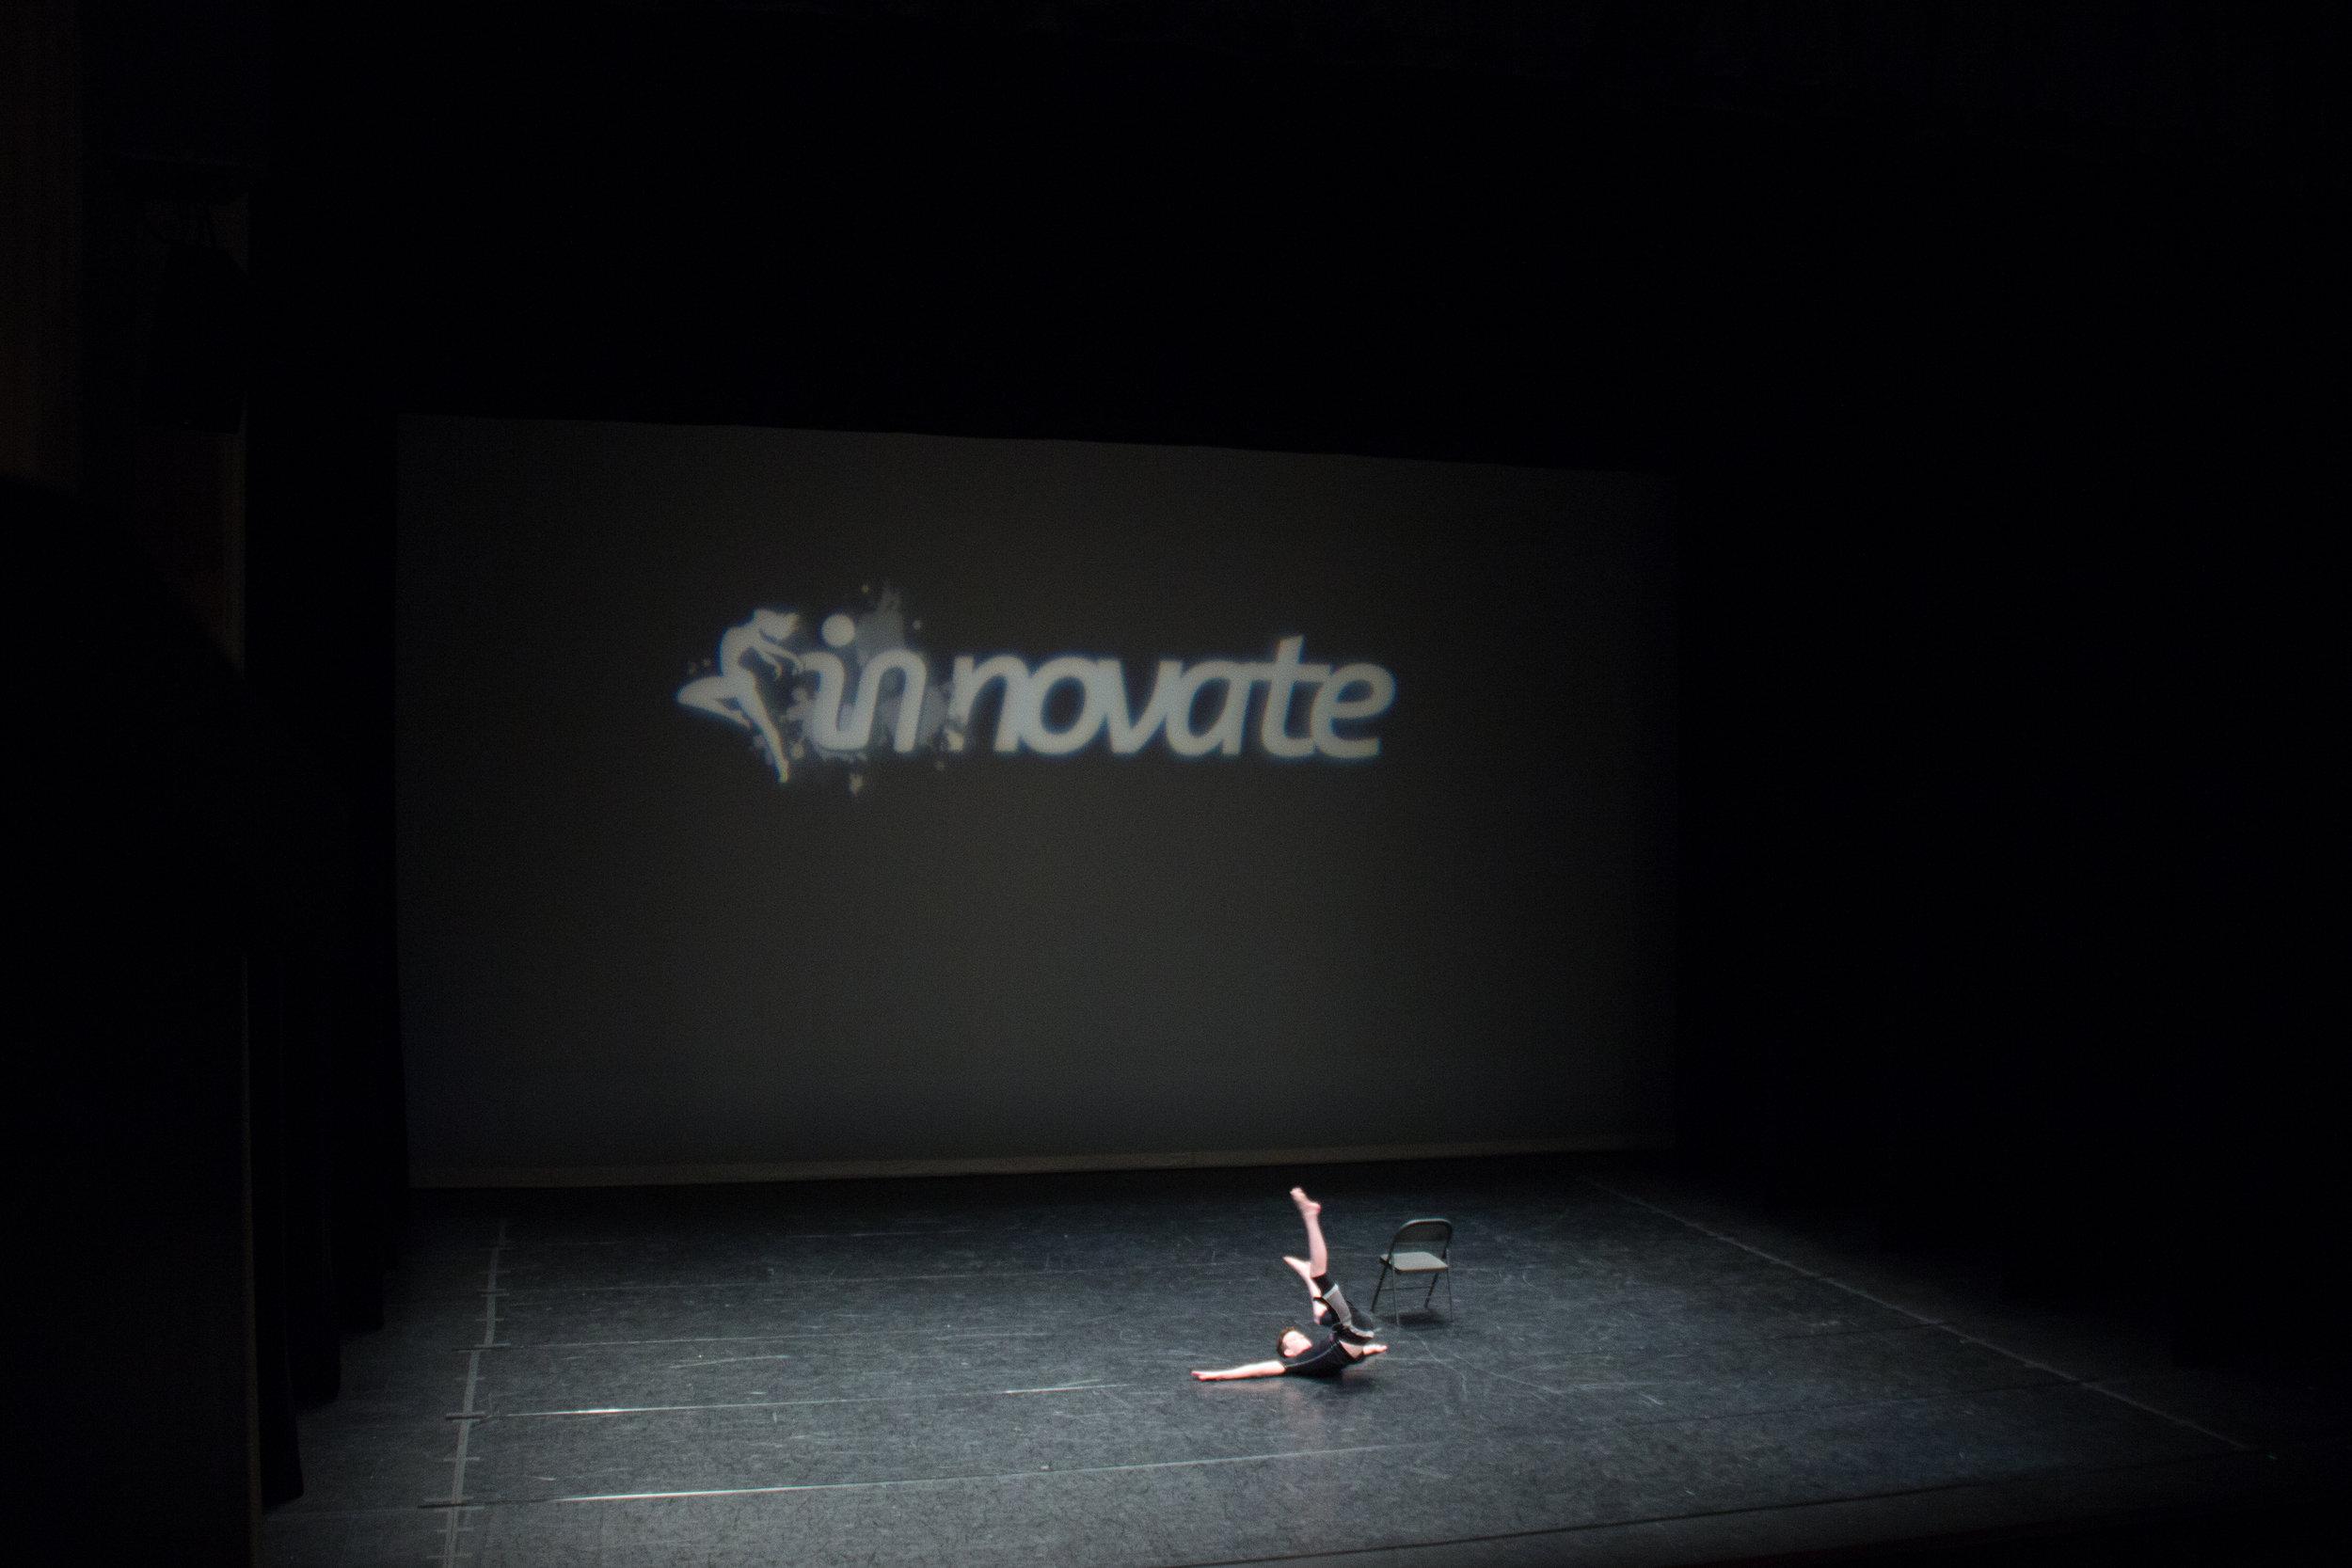 InnovateDay2-241.jpg